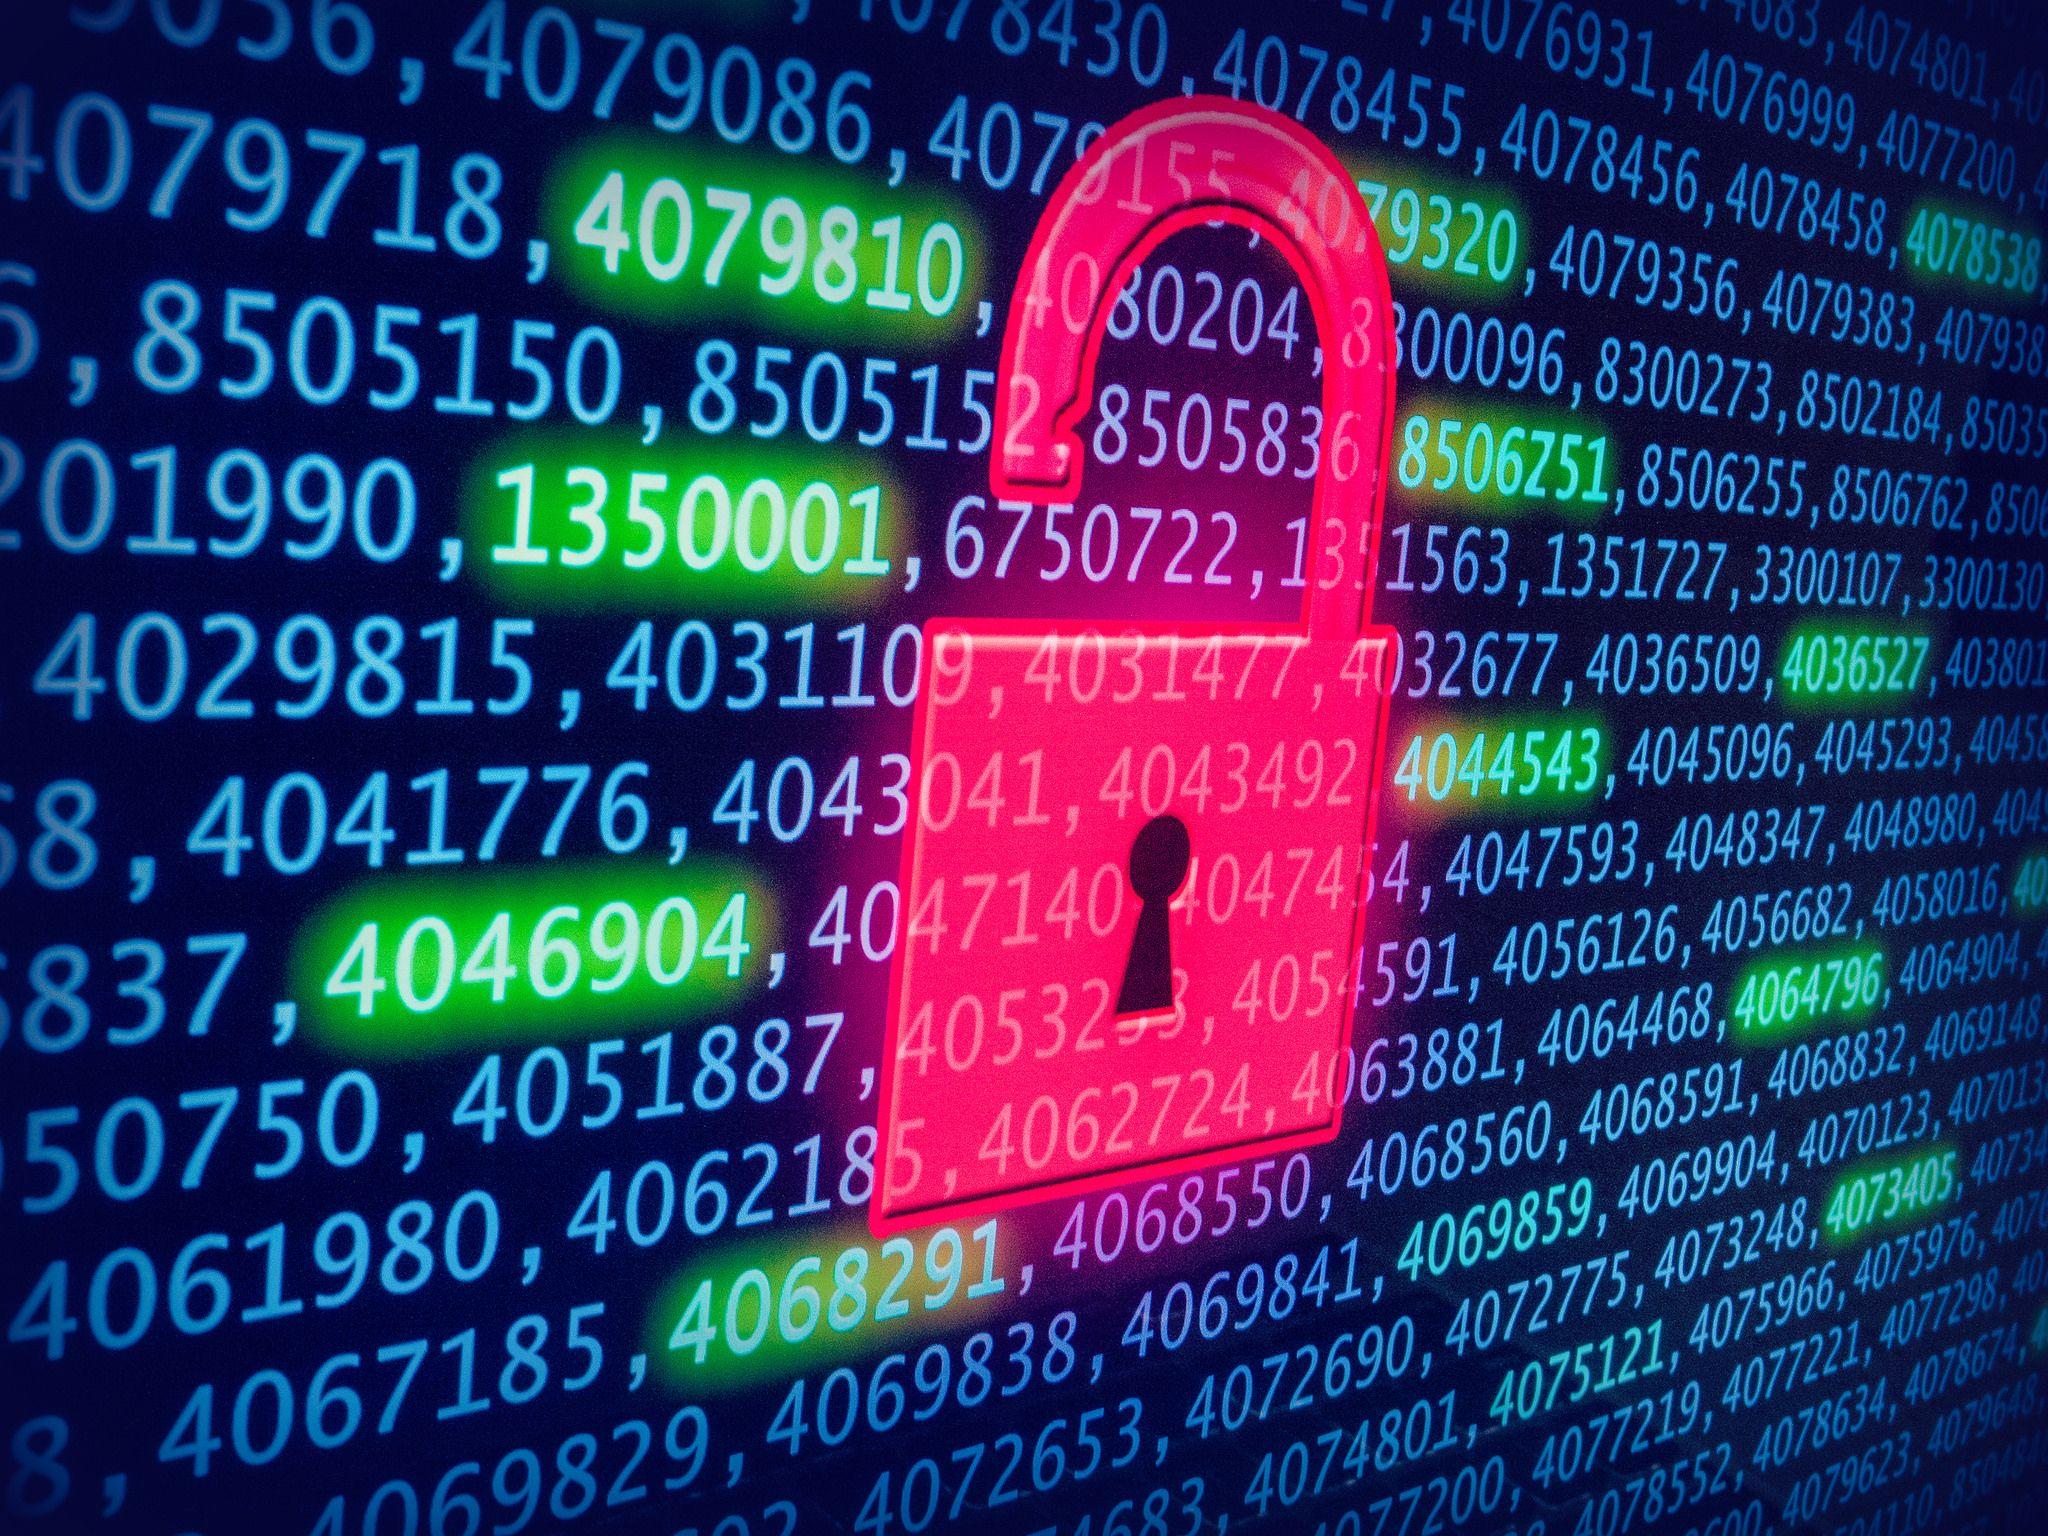 【緊急特集】相場への影響は?ランサムウェア&サイバー攻撃に週明け超警戒!【知らない人のメールに注意は嘘】